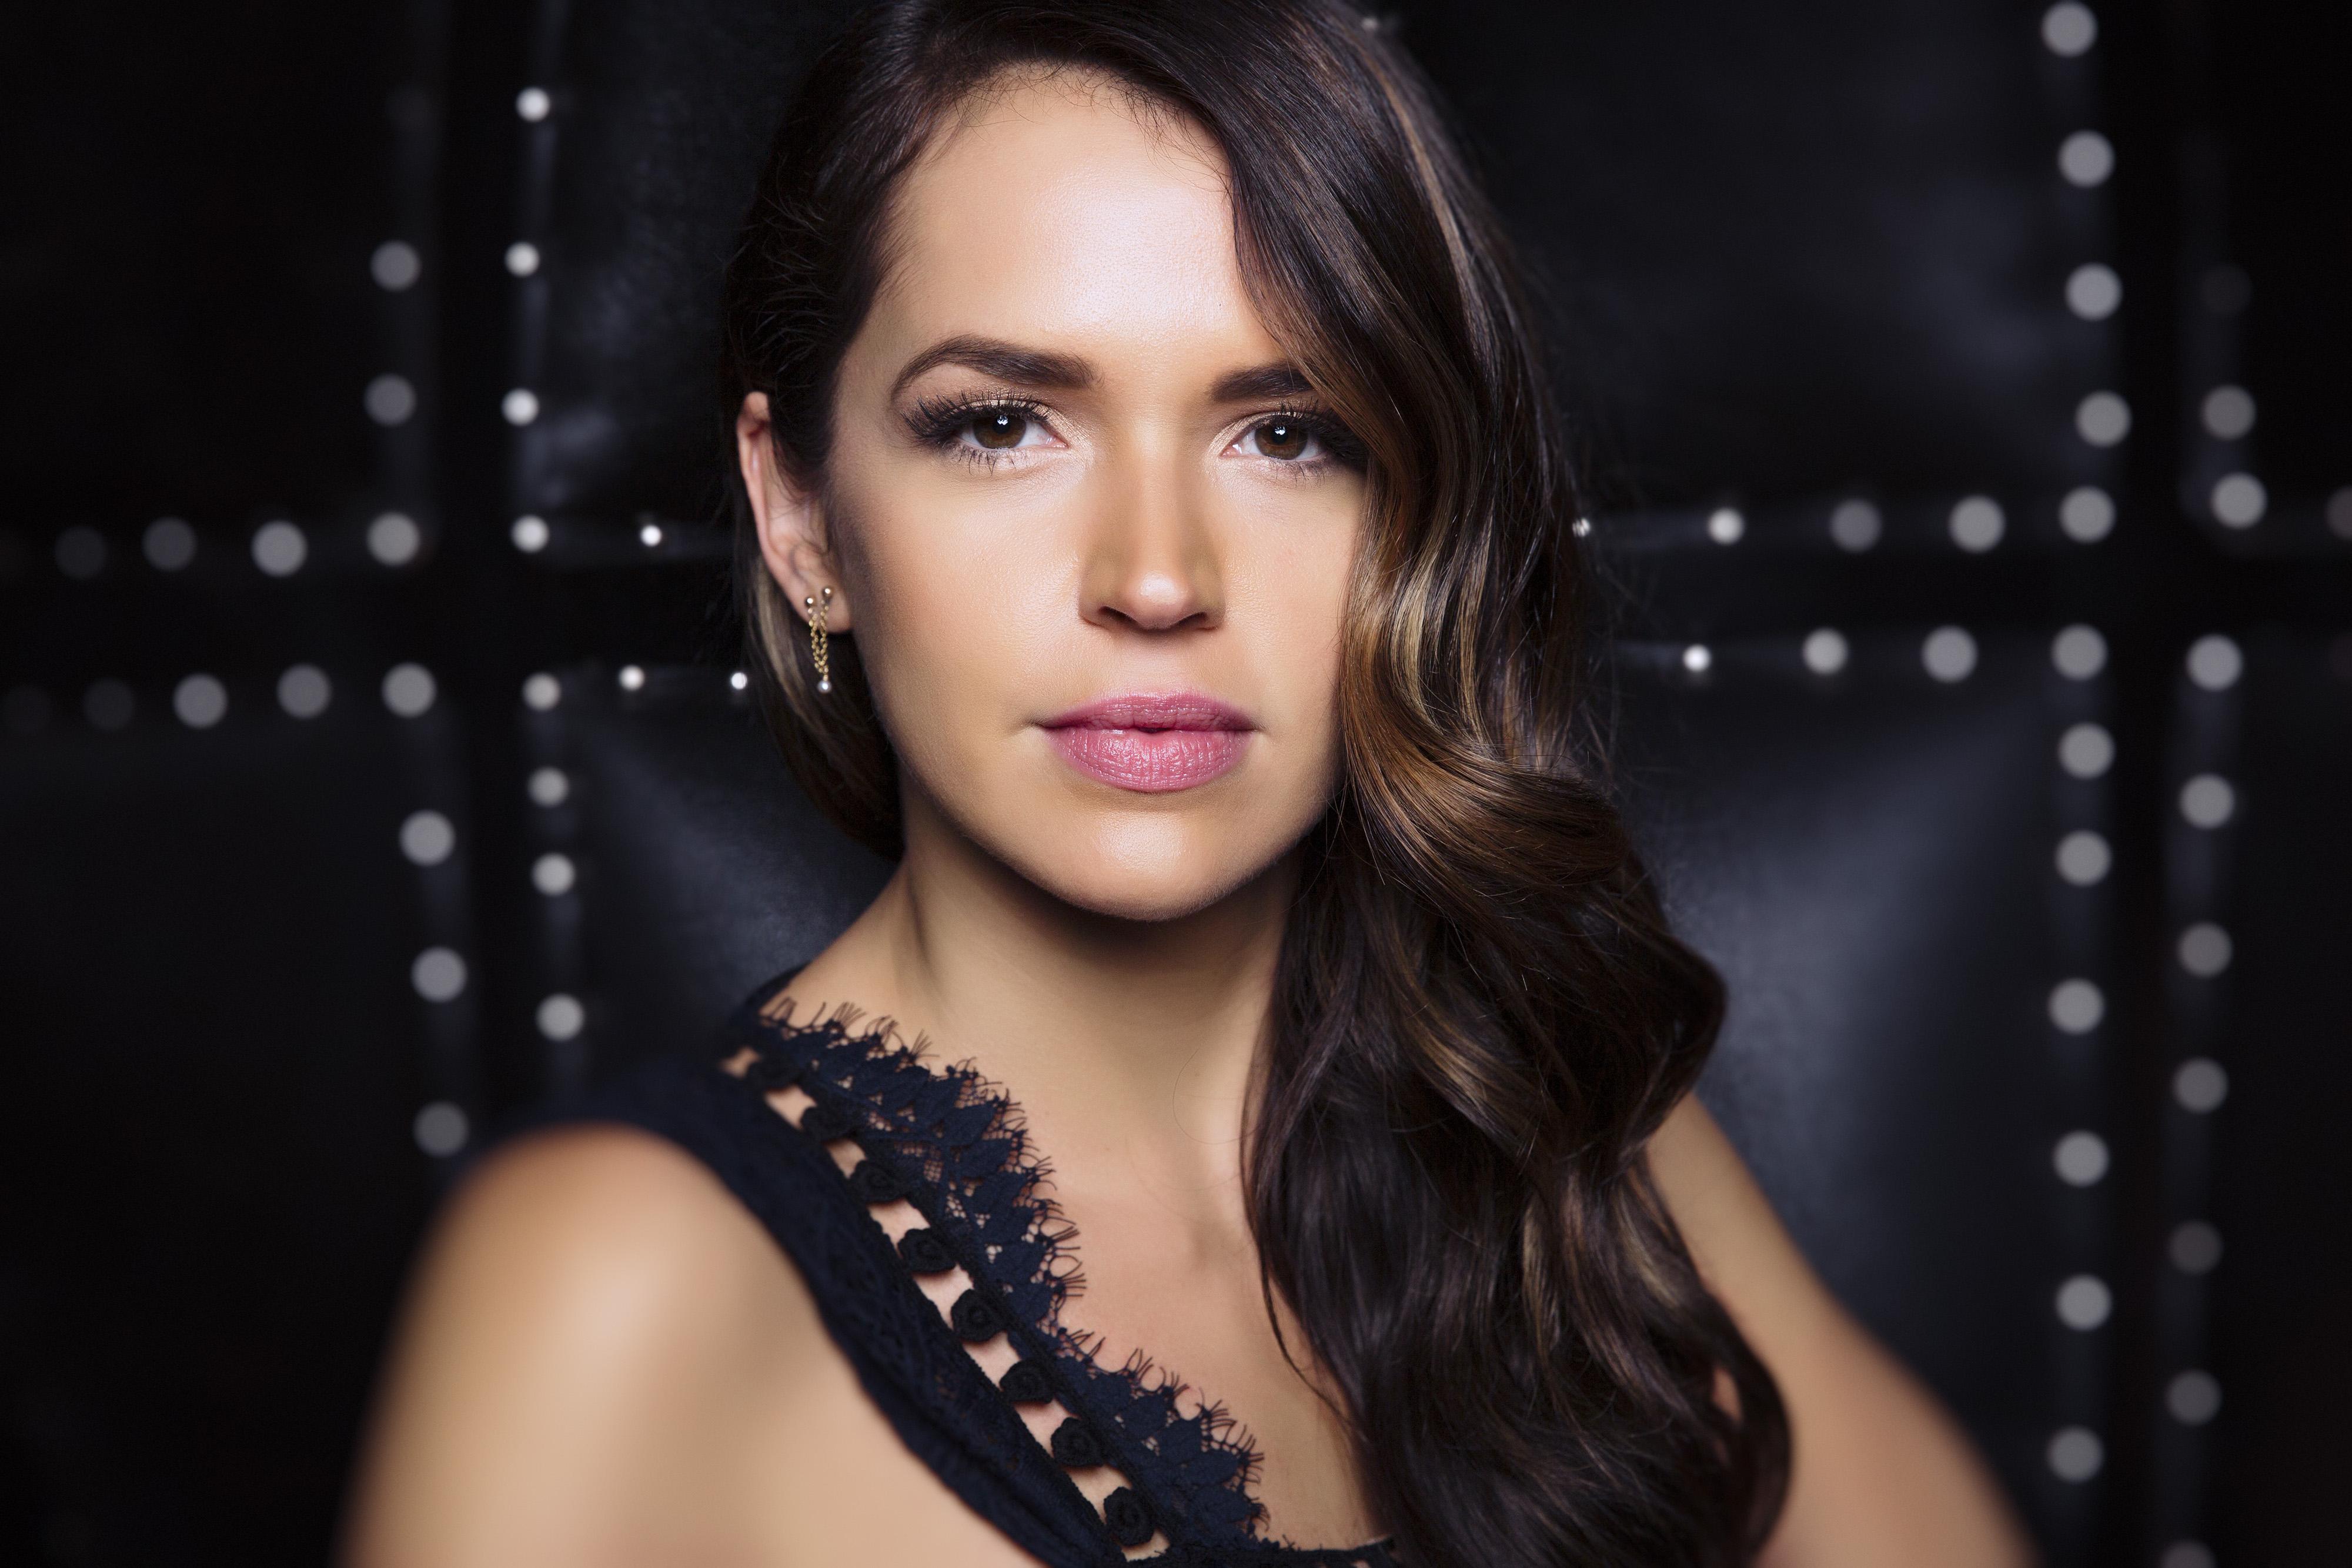 Erica Duarte biograohy